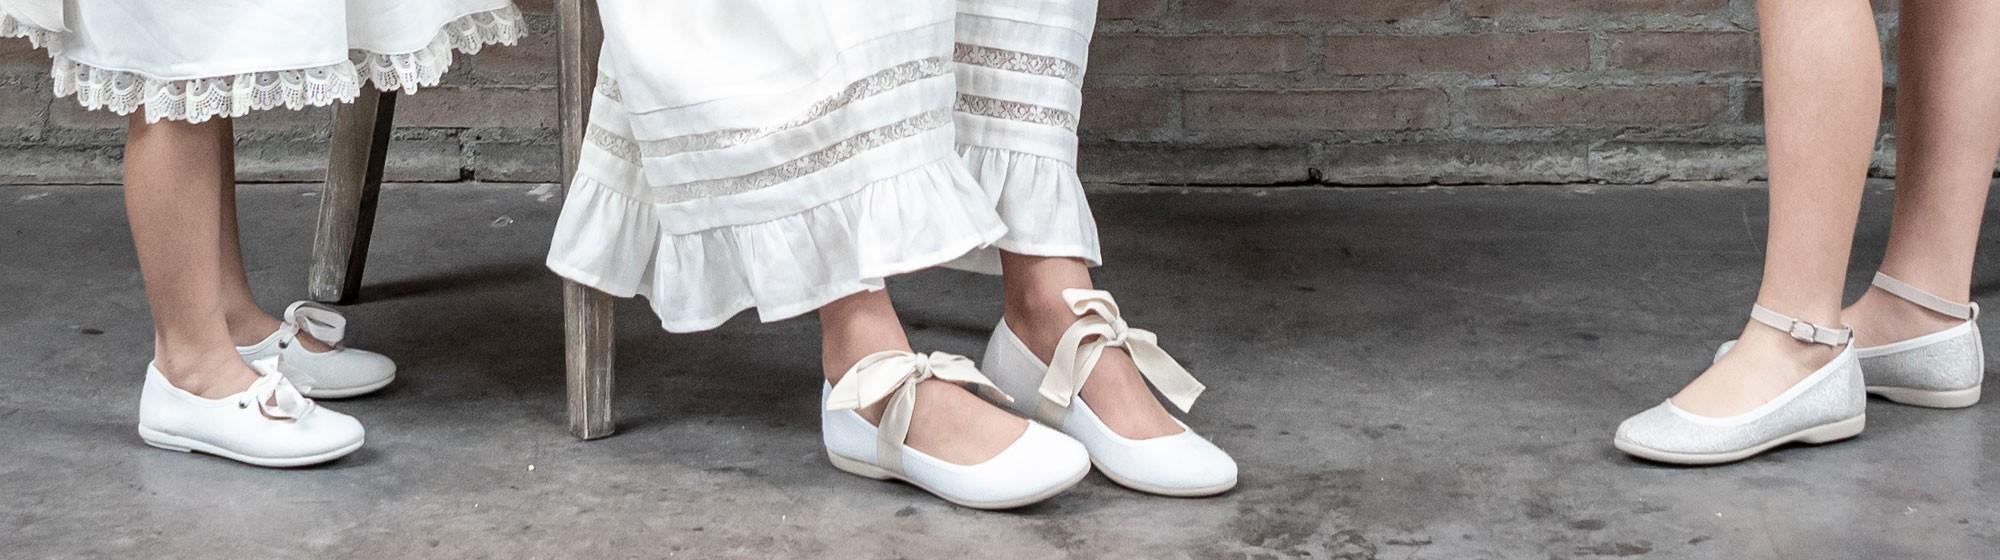 Chaussures Cérémonie